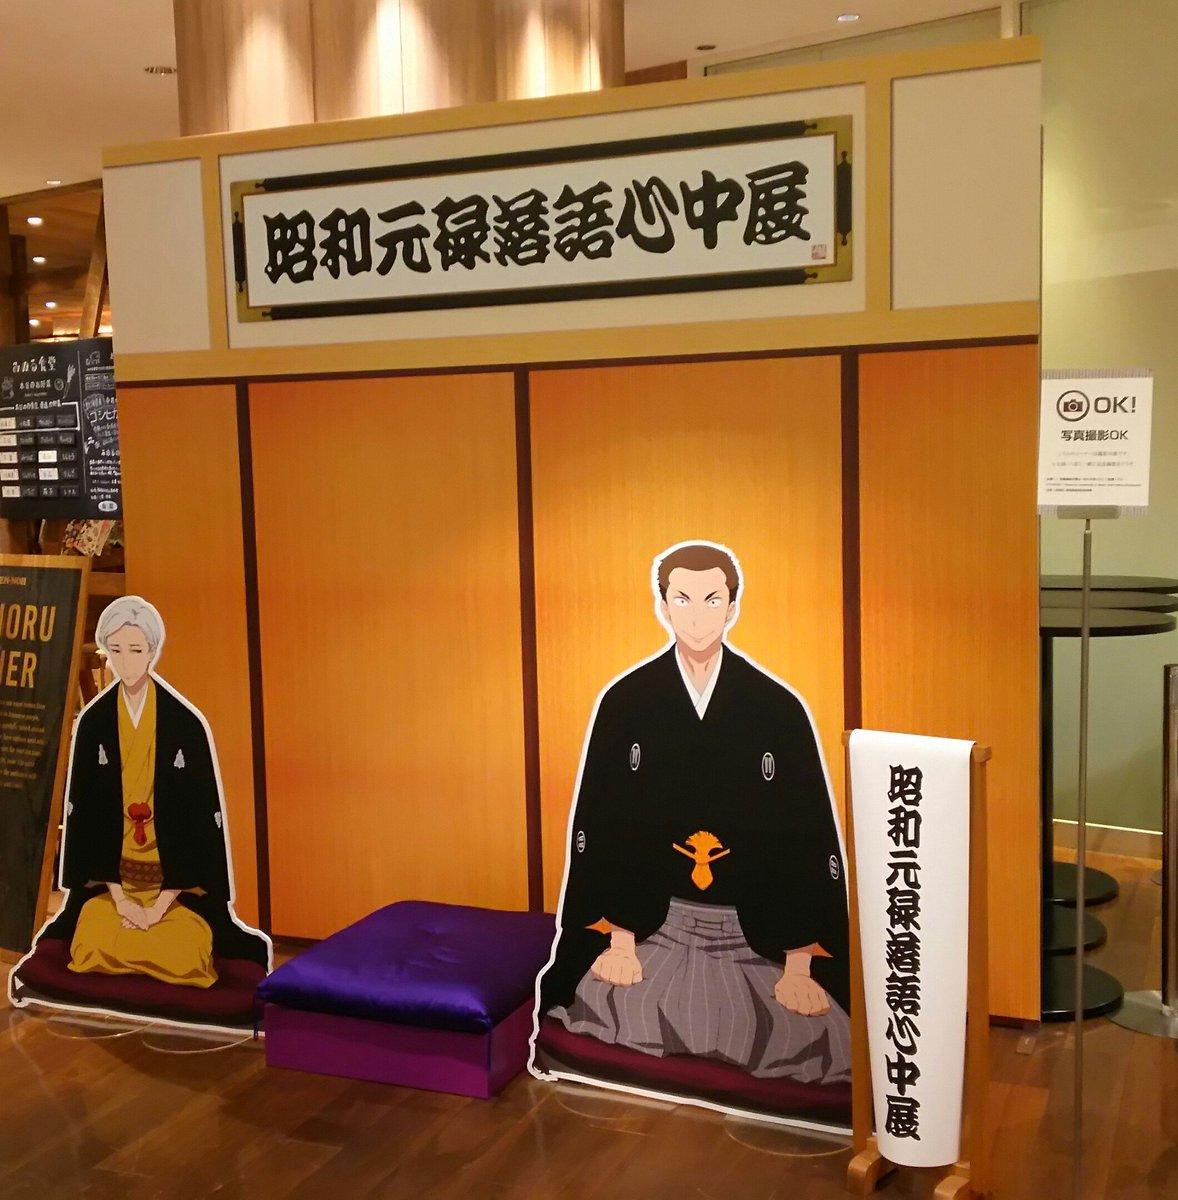 昨日、昭和元禄落語心中と銀座三越のJAZZコラボに行ってきました。特別展も見ごたえがありました。